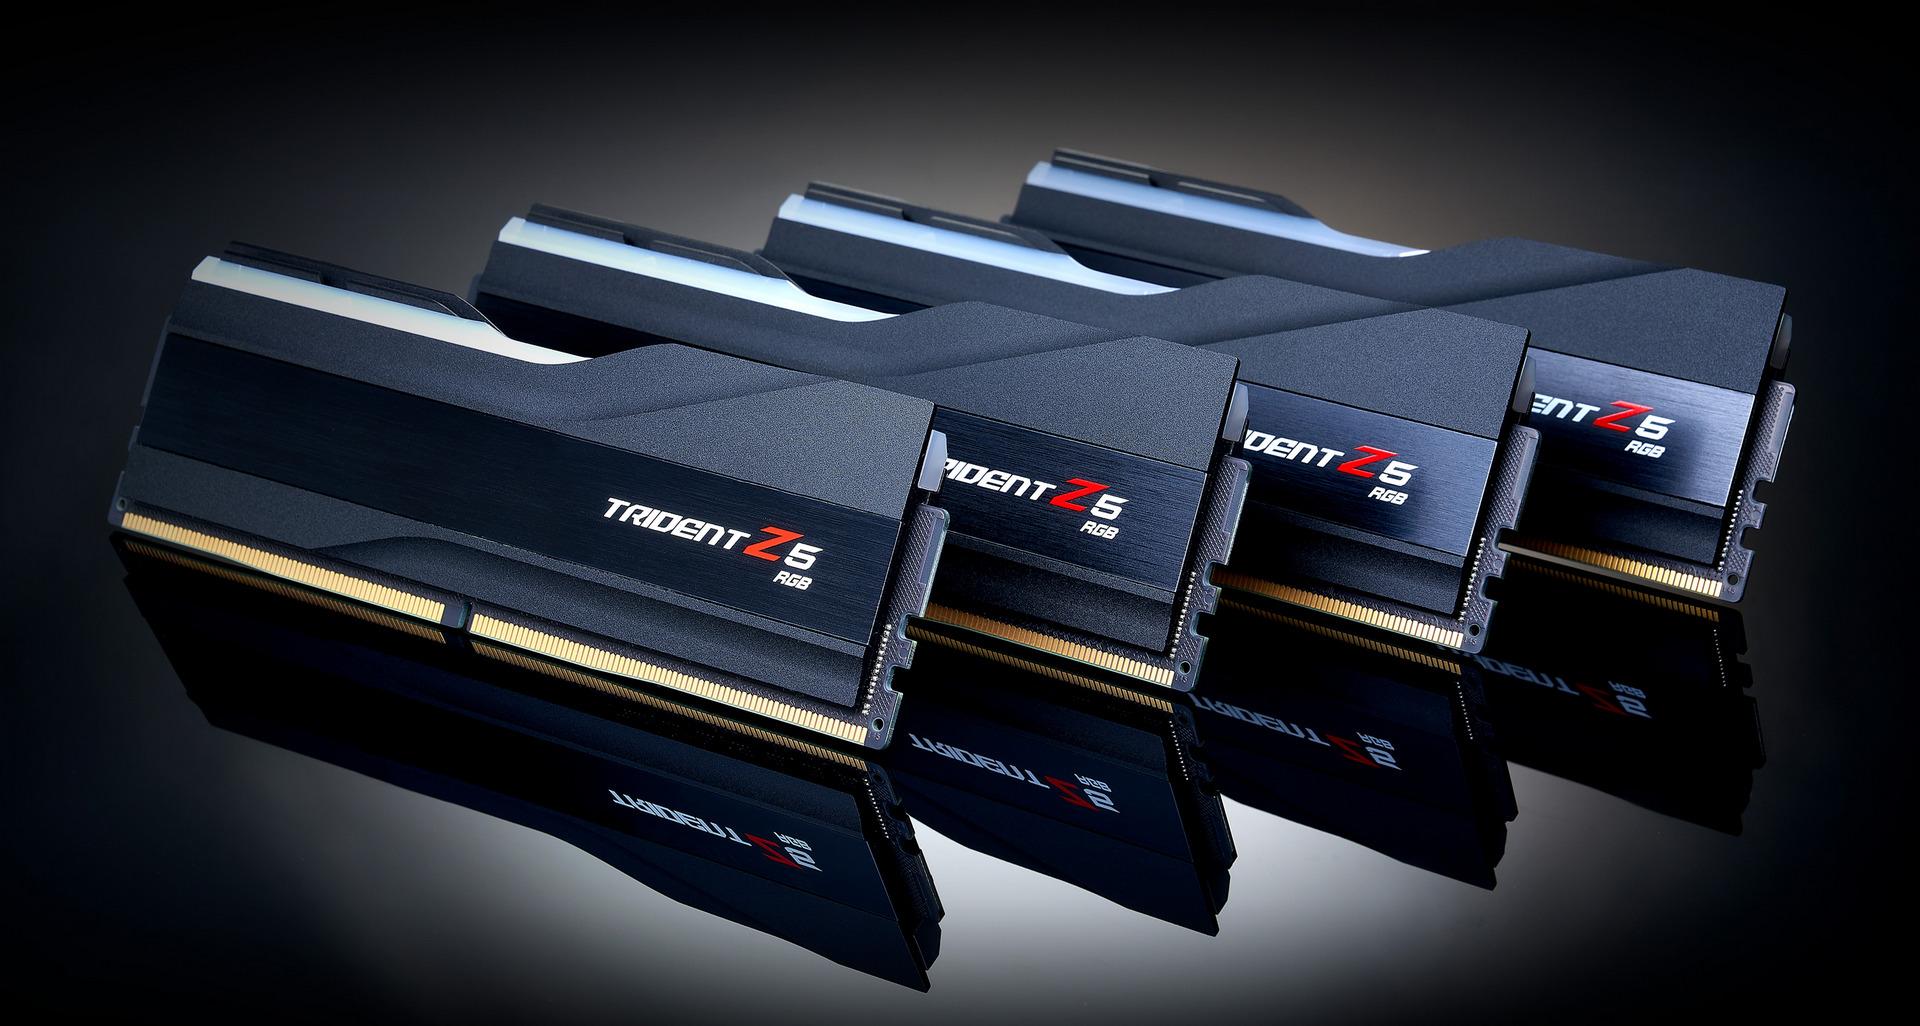 Las G.Skill Trident Z5 son las memorias DDR5 más rápidas del mundo con sus 6600 MHz CL36